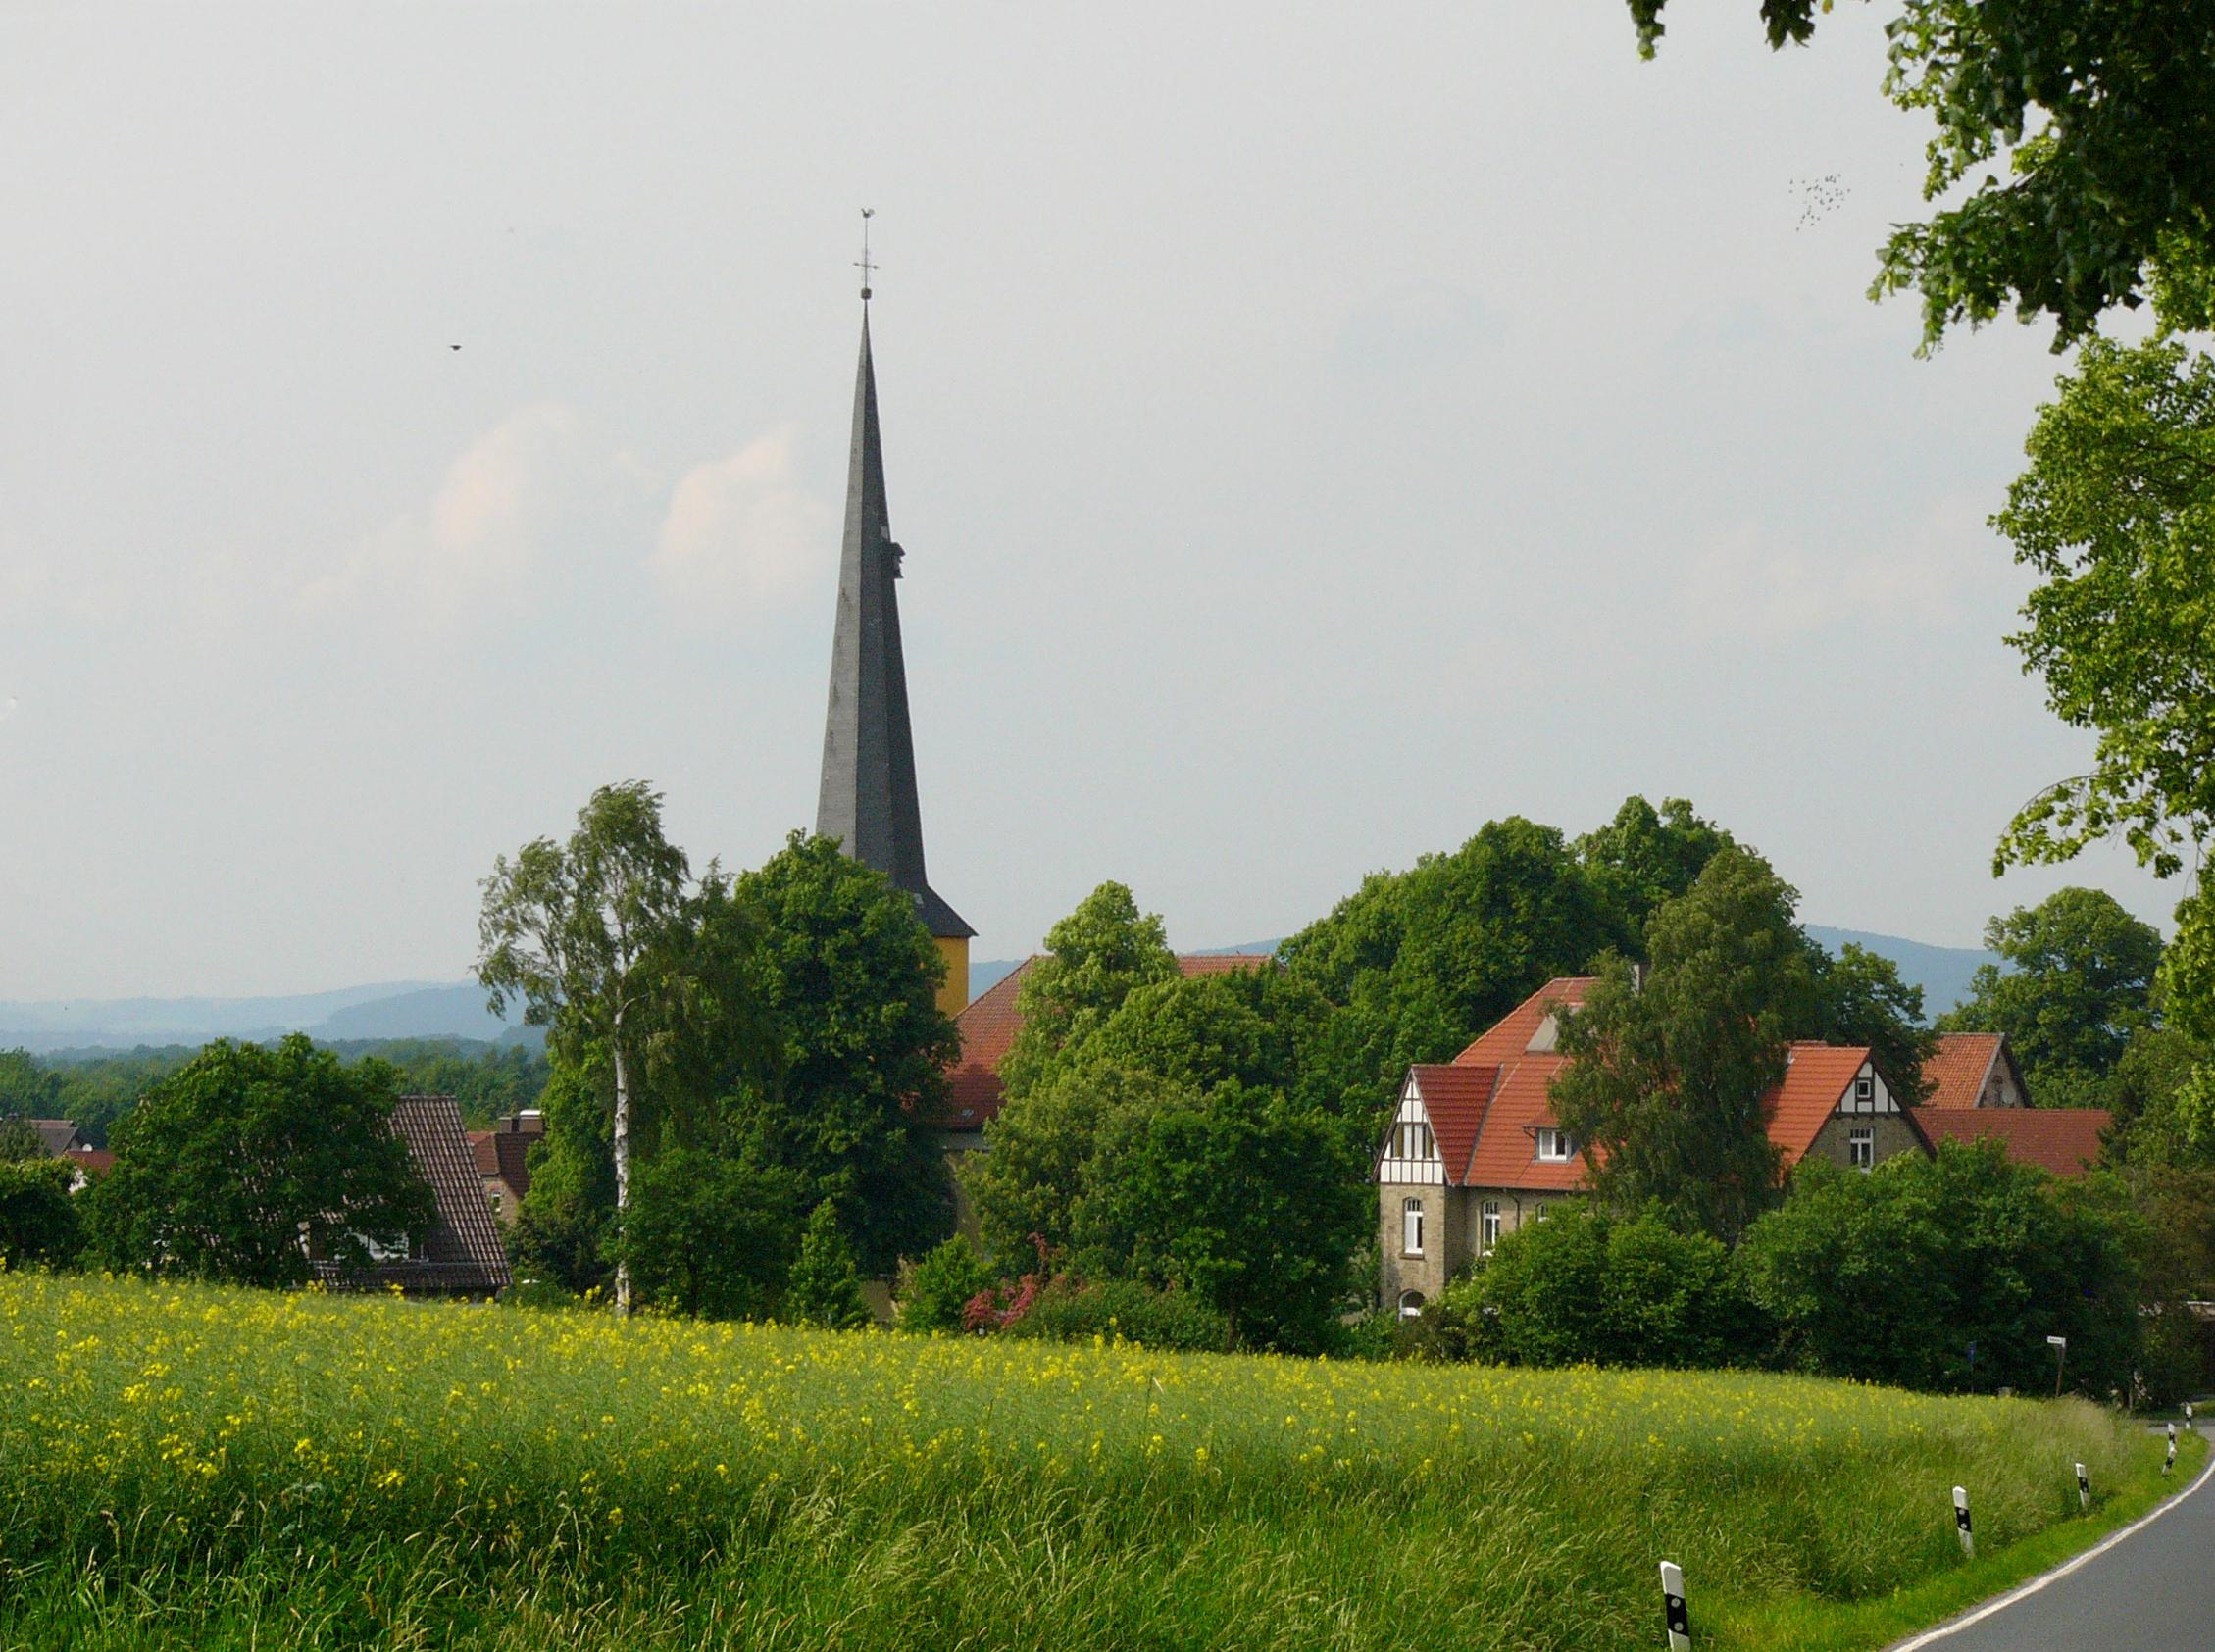 Wie wichtig war Religion in der Reformationszeit? Eine Beobachtung in der Grafschaft Lippe